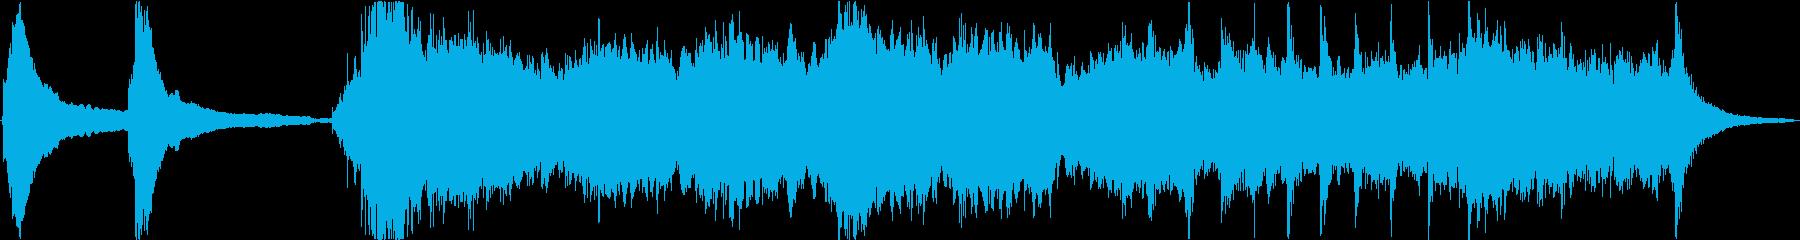 壮大で短めなエンディングの再生済みの波形